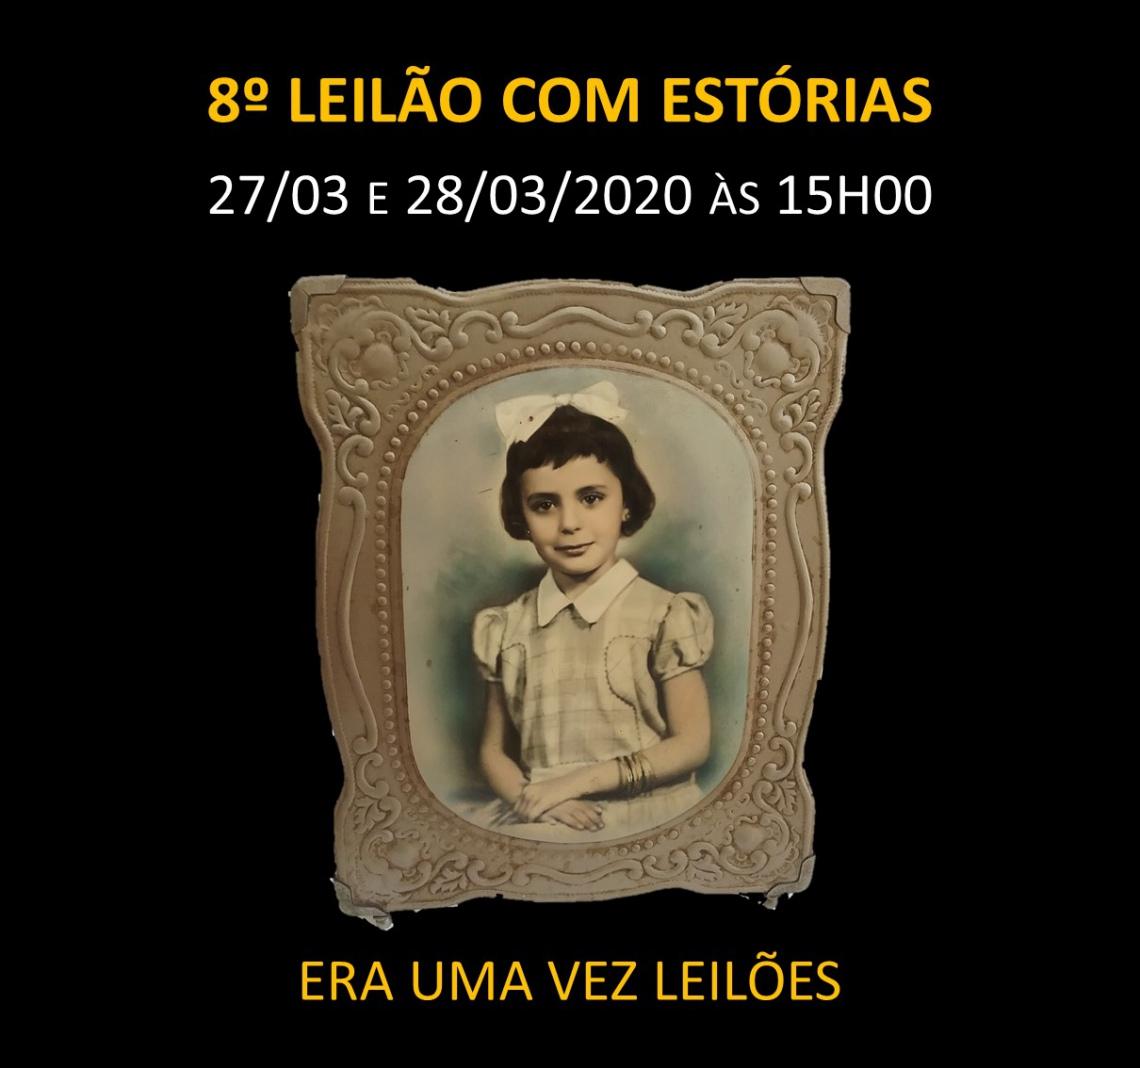 8º LEILÃO COM ESTÓRIAS - 27 e 28/03/2020 às 15h00